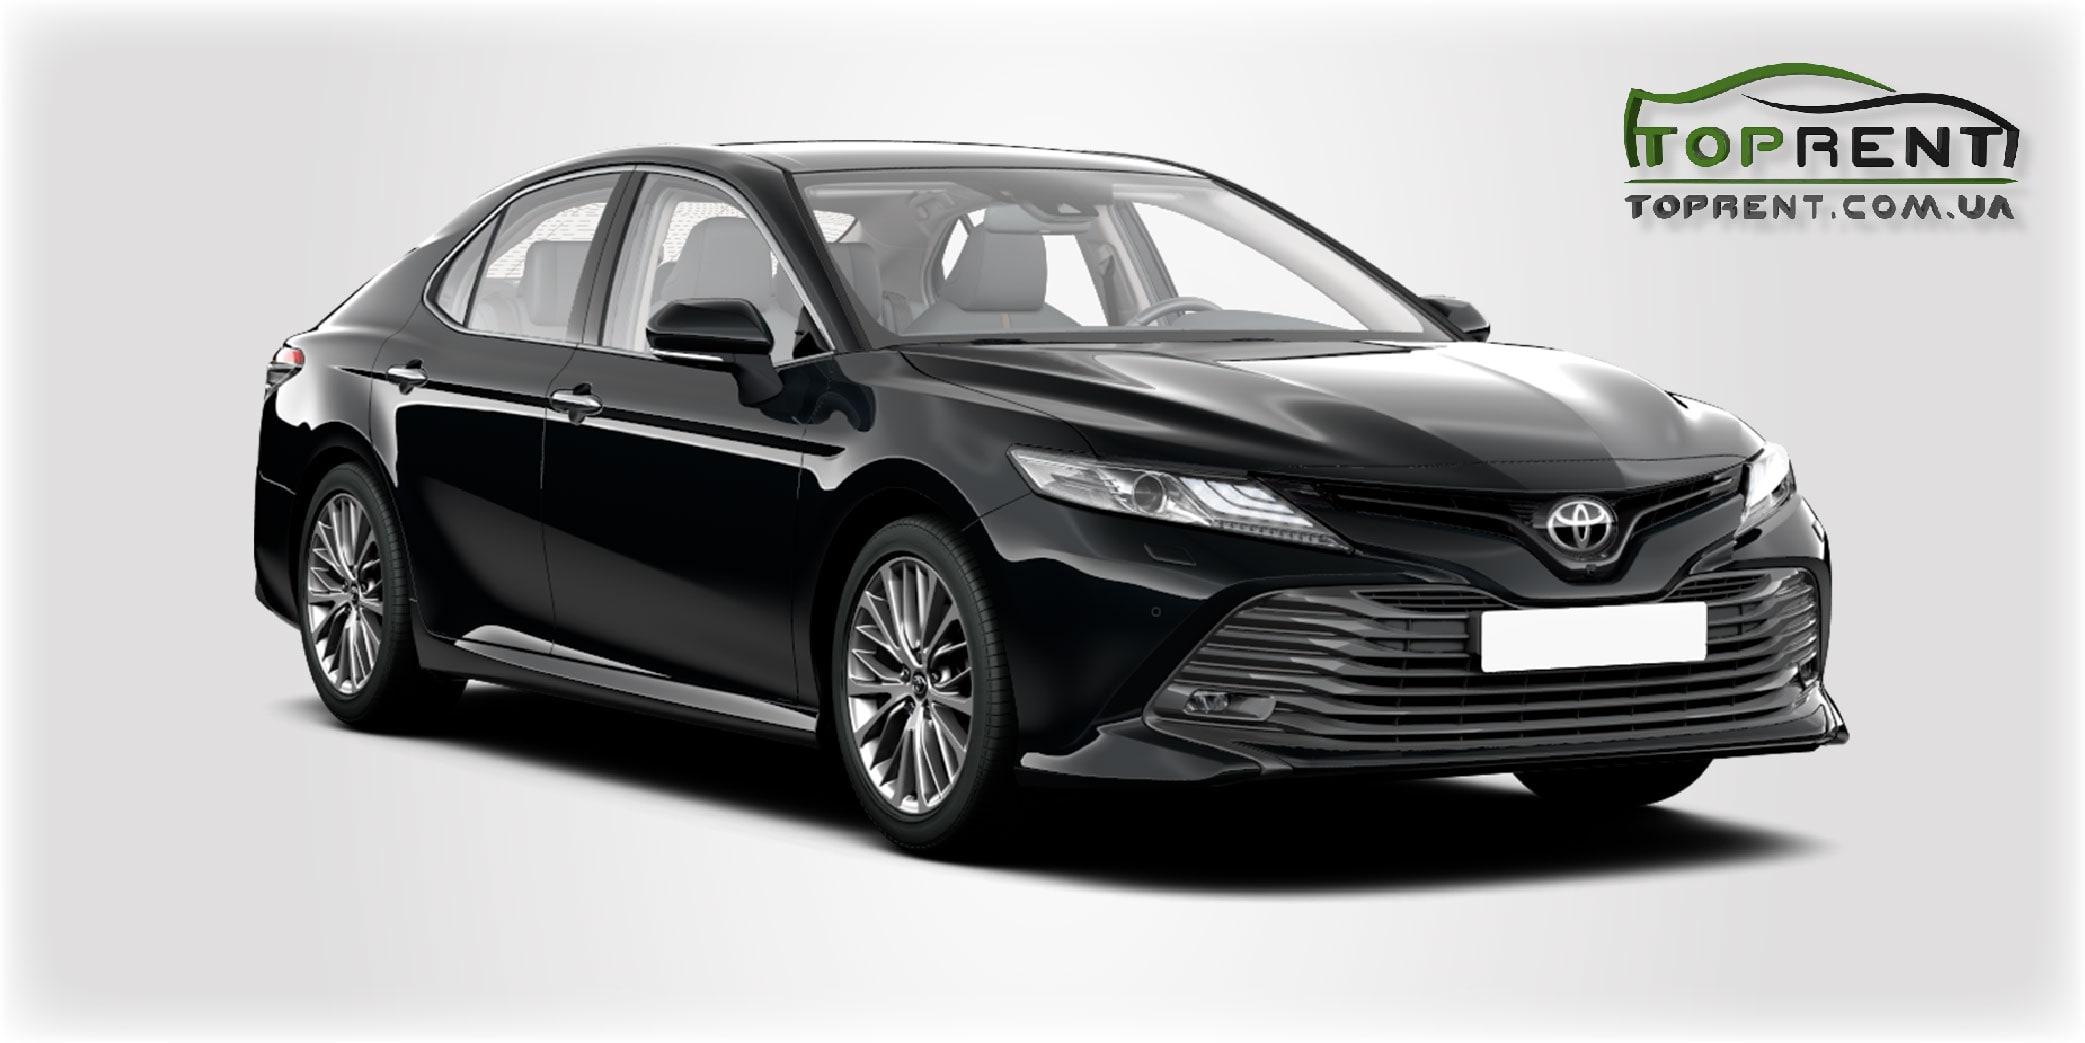 Прокат и аренда авто Toyota Camry xv70 2019 - фото 1 | TOPrent.com.ua